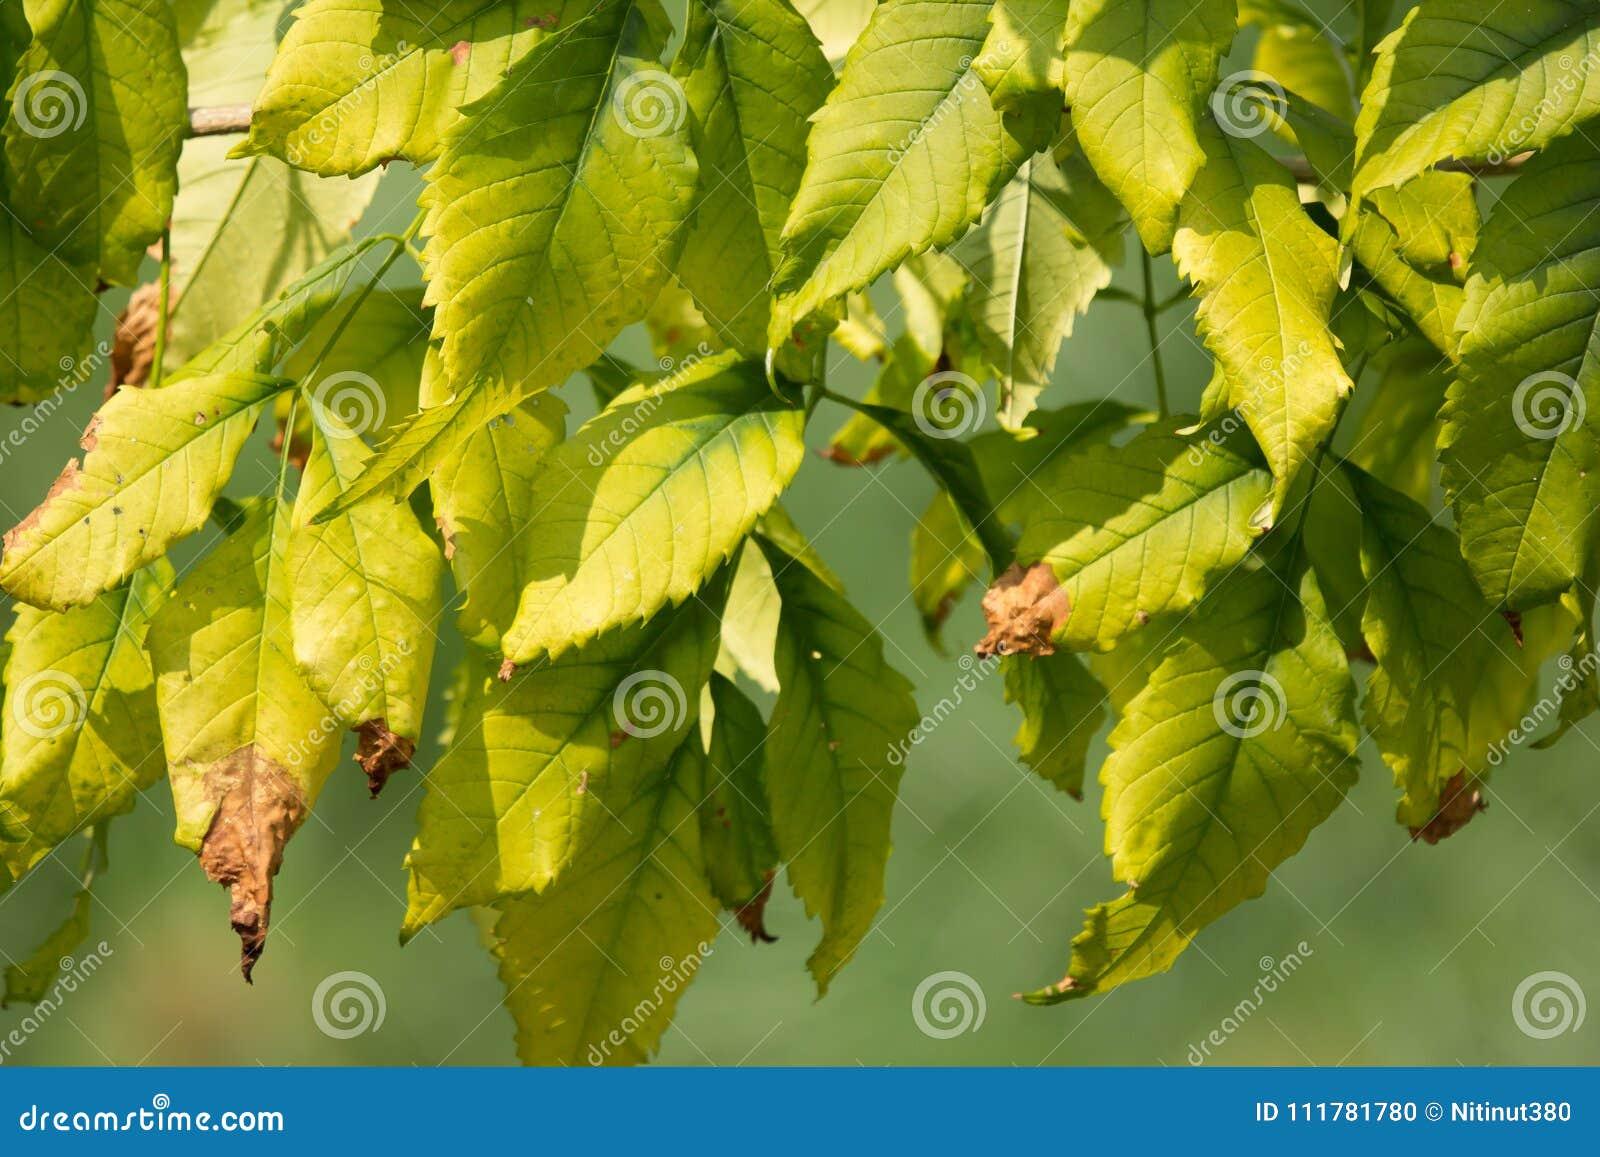 Κλείστε επάνω του πράσινου φύλλου του κίτρινου παλαιότερου λουλουδιού